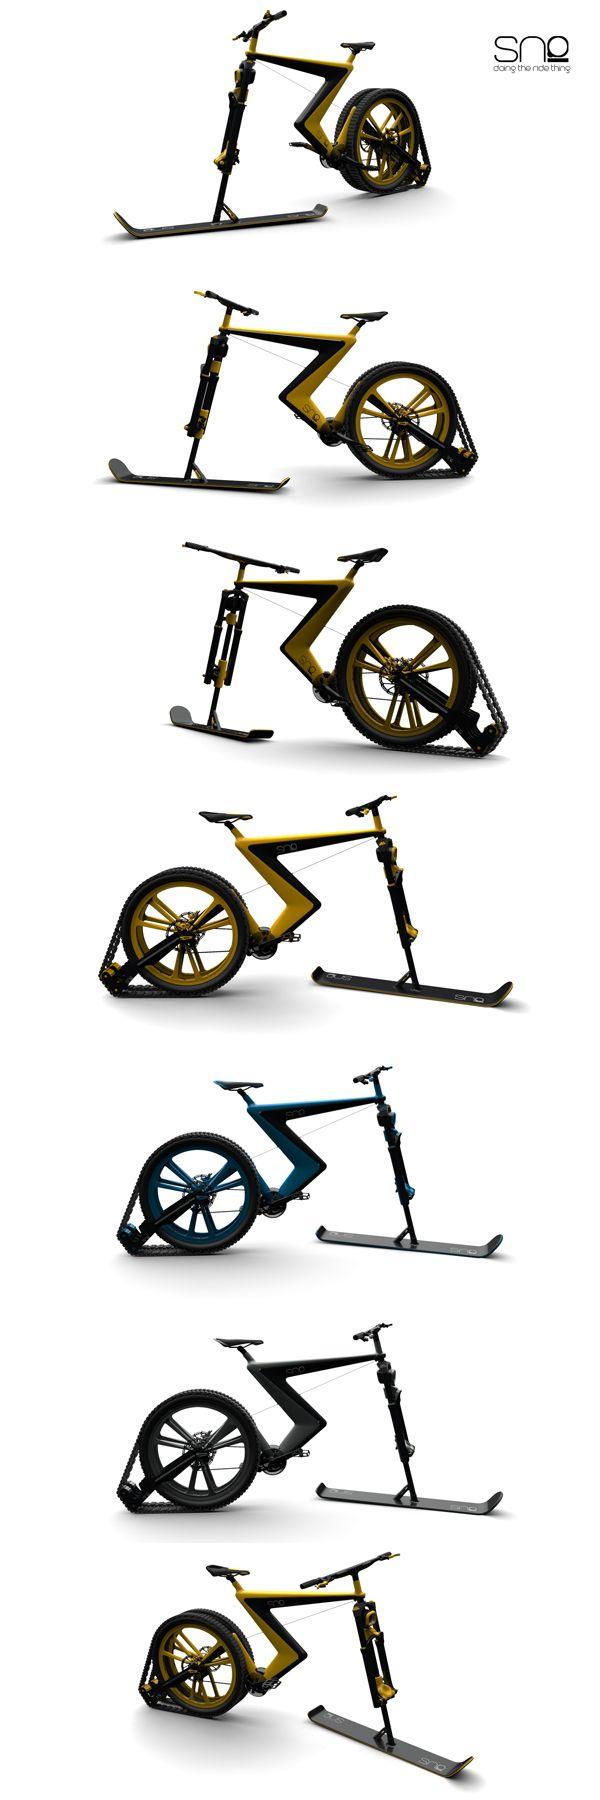 Bicicletas y carámbanos, Sno es una bicicleta conceptual que aporta una innegable sensación de estilo y aire fresco a las bicicletas de nieve existentes.  Sno_Venn_2